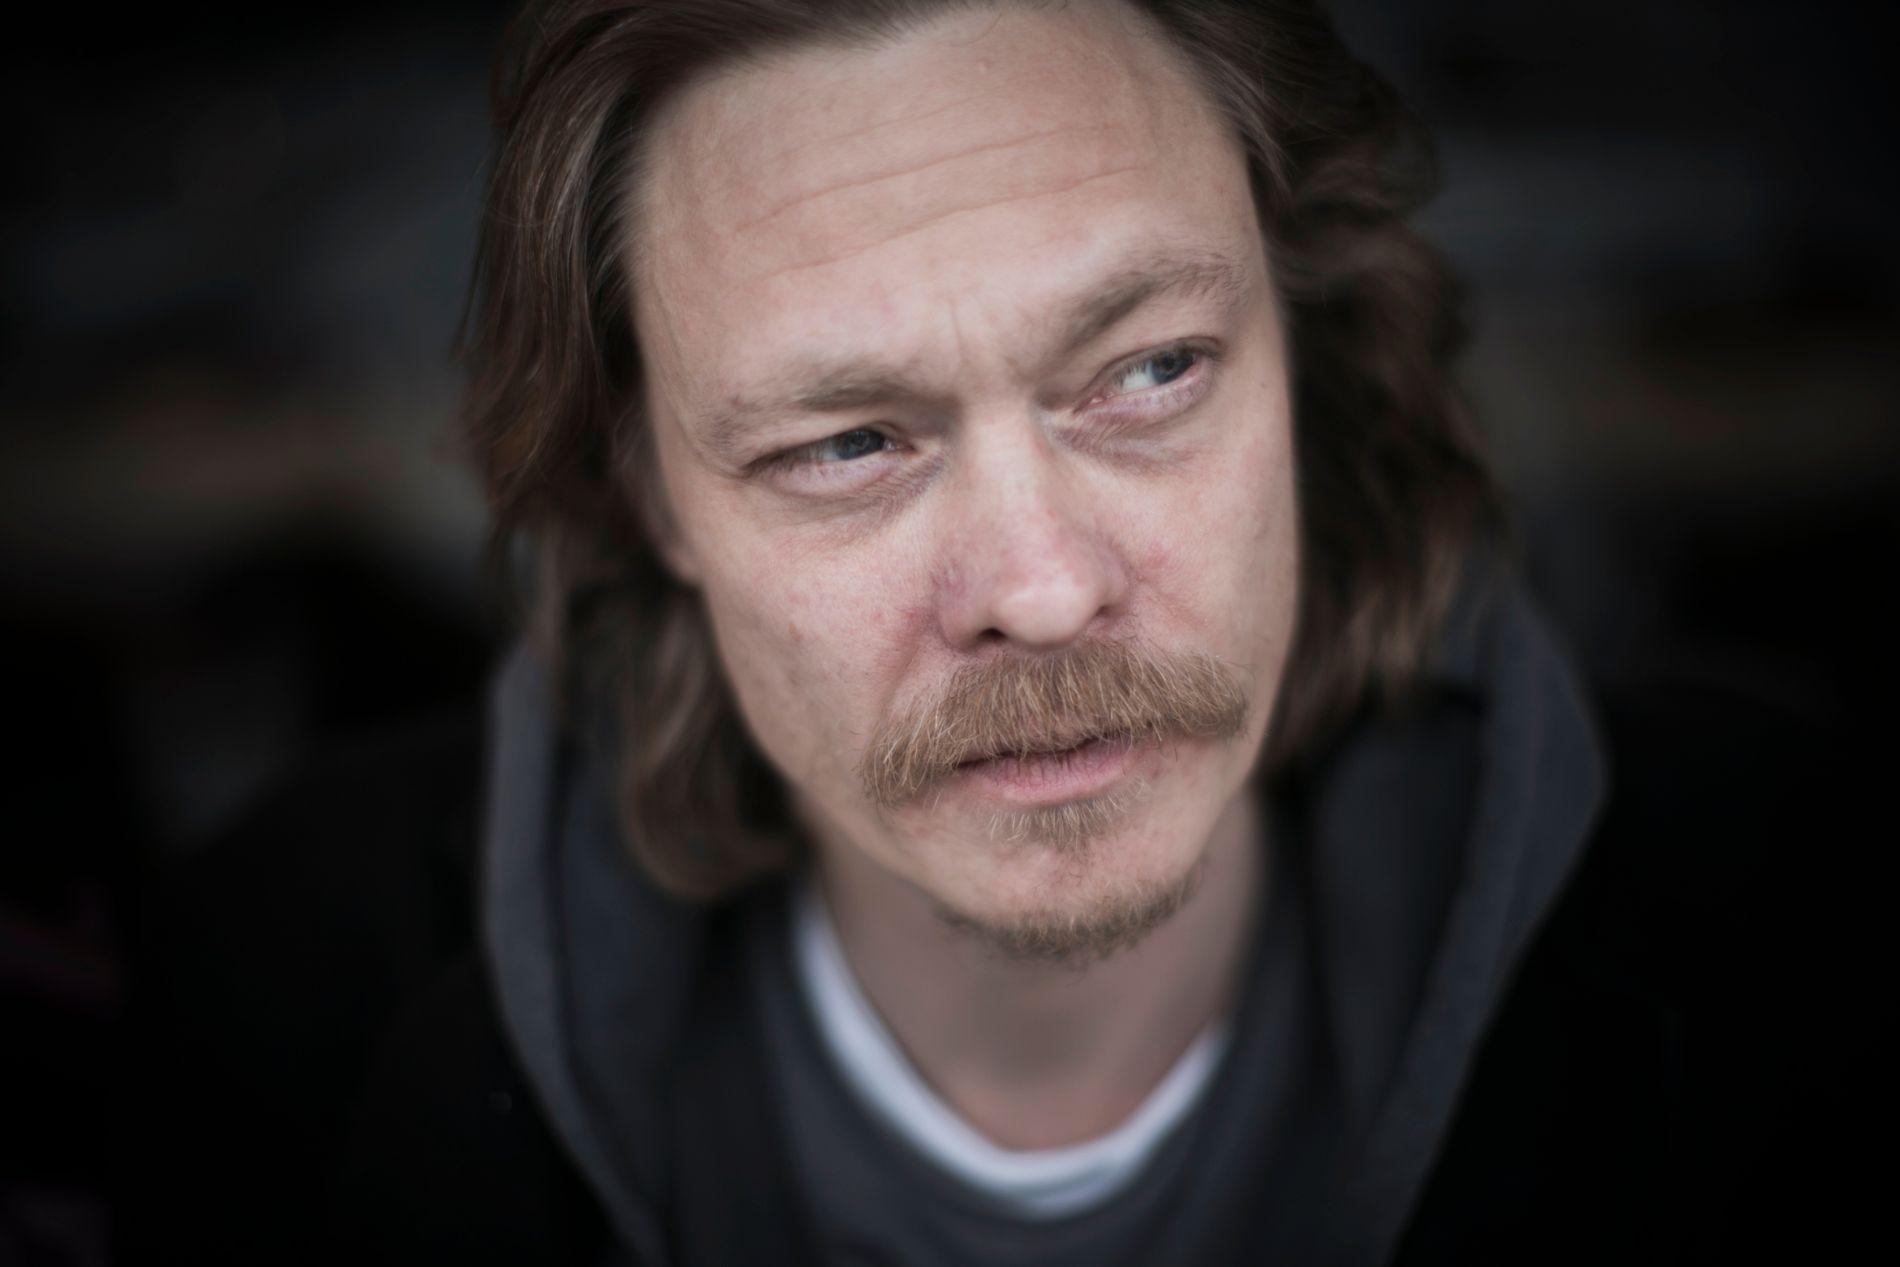 FORBANNET: Skuespiller Kristoffer Joner har fått nok av Sylvi Listhaugs asylpolitikk. FOTO:TERJE BRINGEDAL/VG